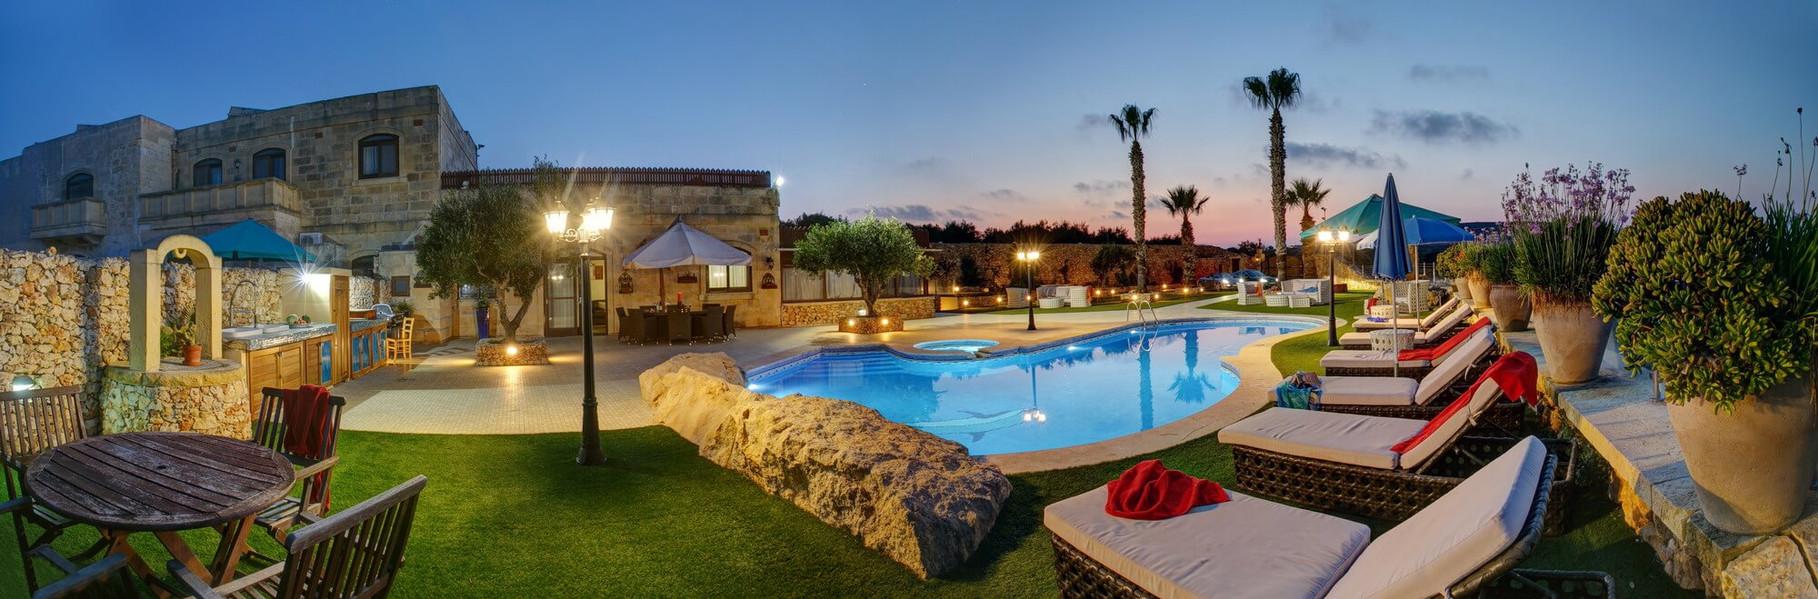 sunset-villa-1.jpg